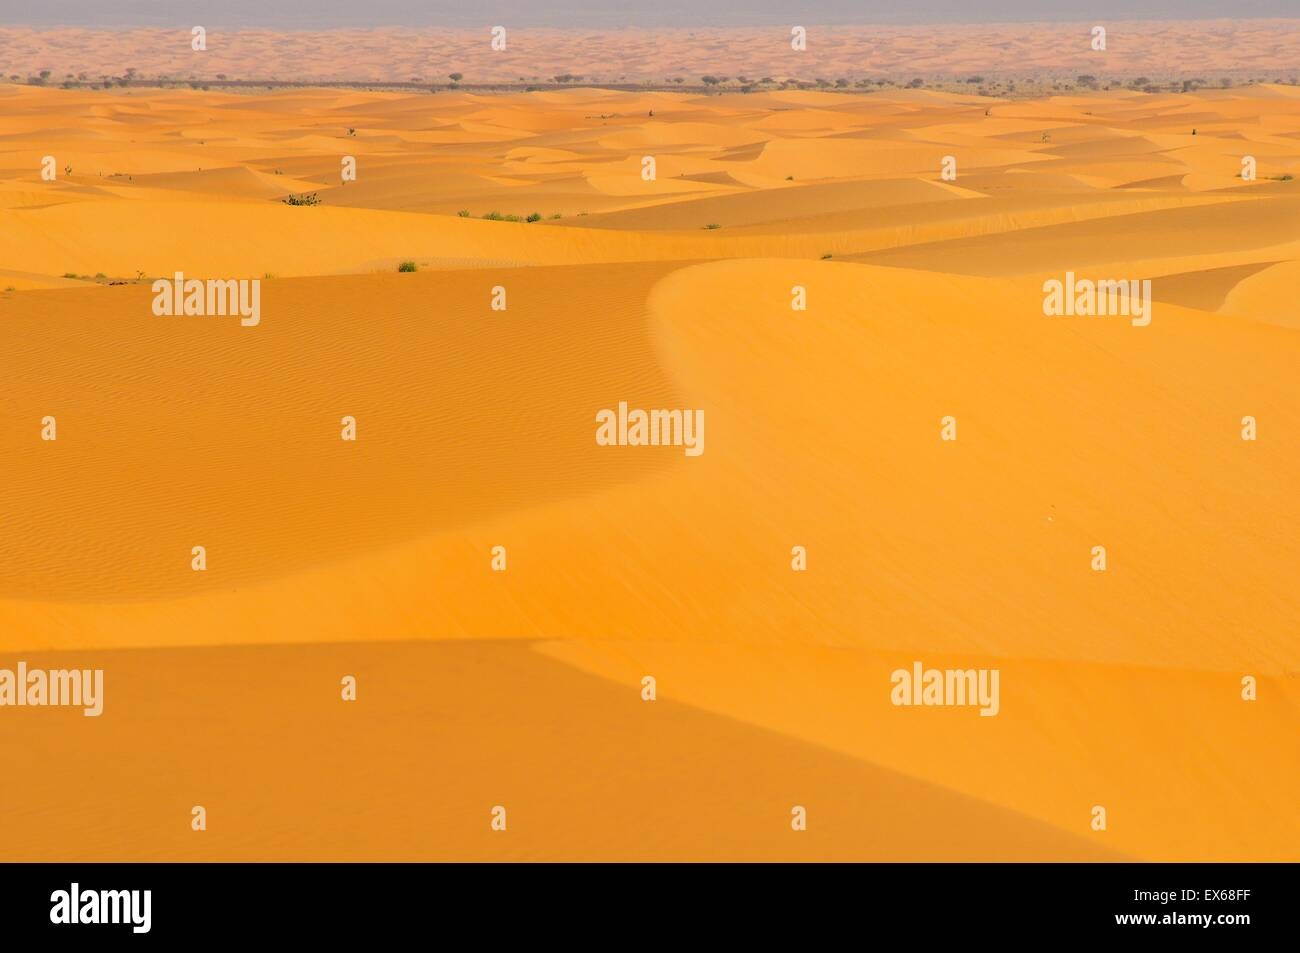 Paysage désertique avec dunes de sable, route de Atar à Tidjikja, région d'Adrar, Mauritanie Photo Stock